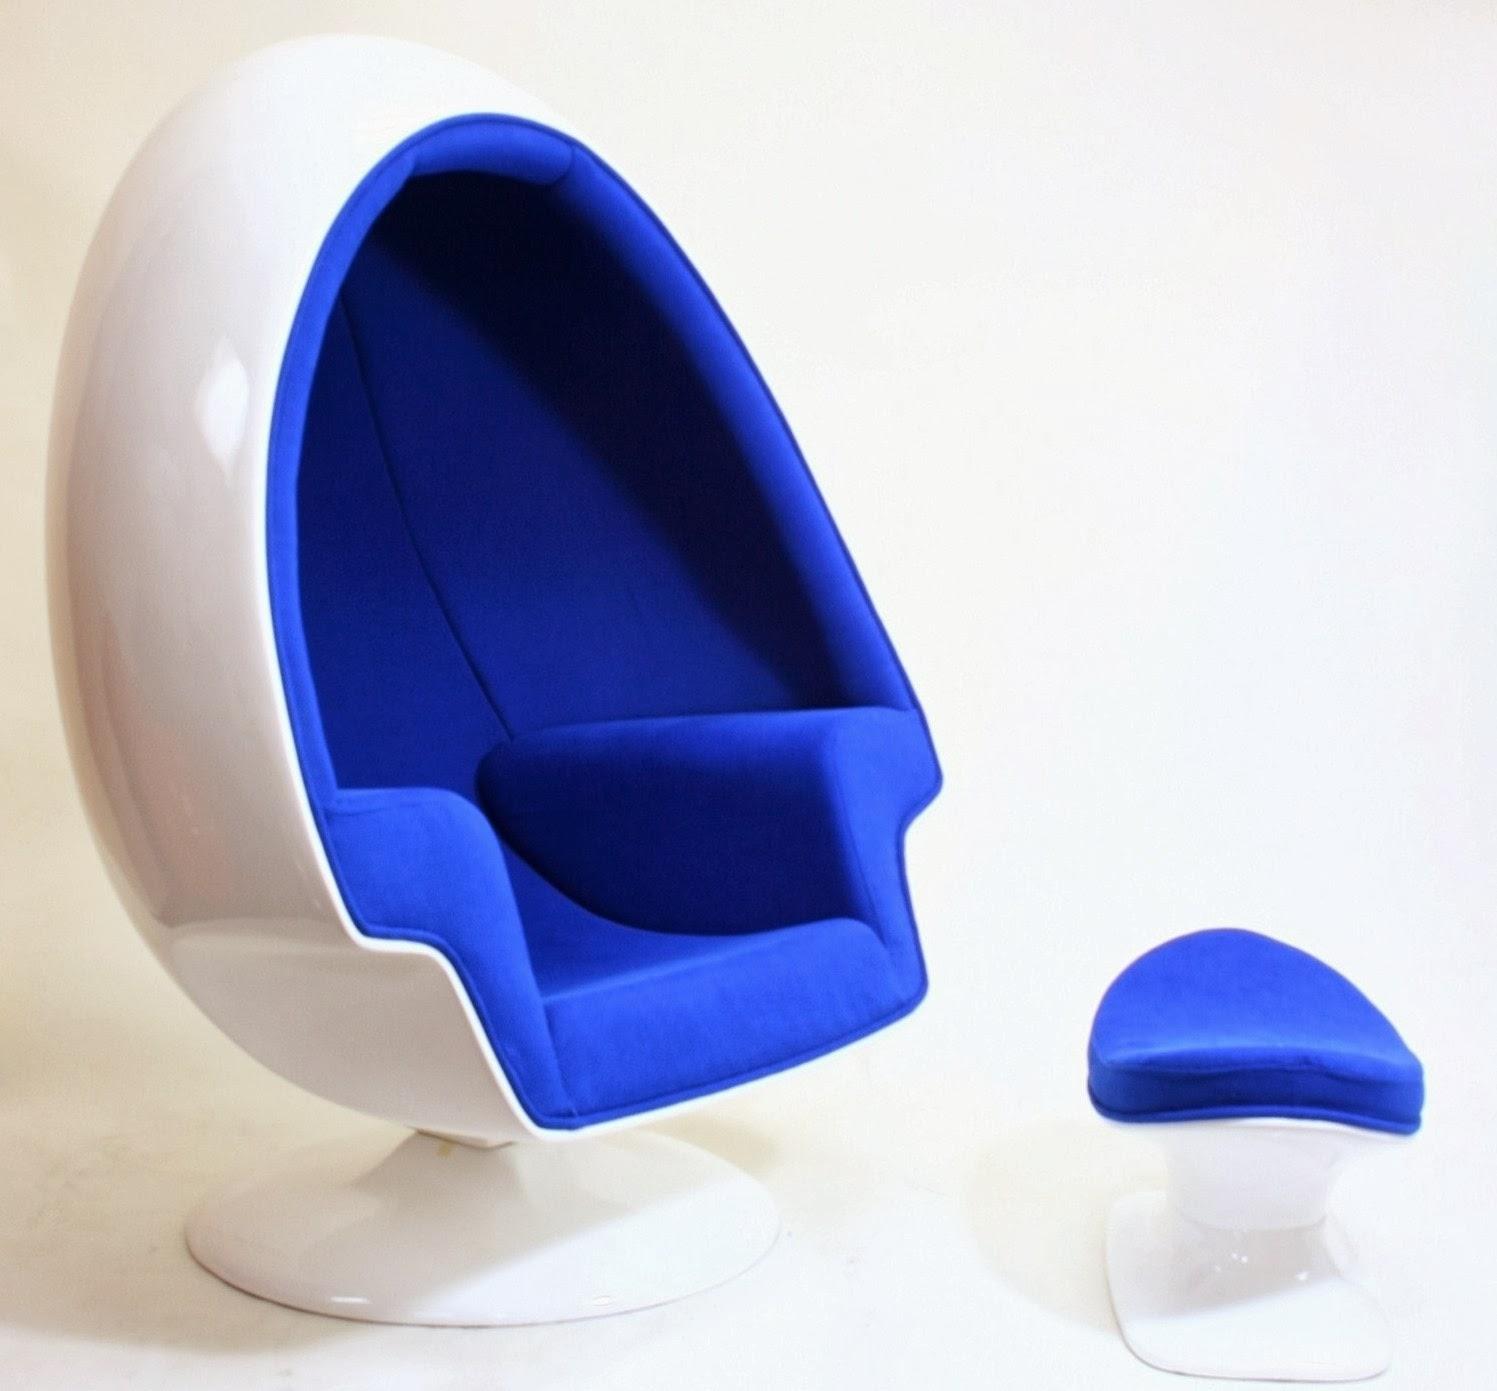 fauteuil uf une conception classique pour votre maison fauteuil main. Black Bedroom Furniture Sets. Home Design Ideas